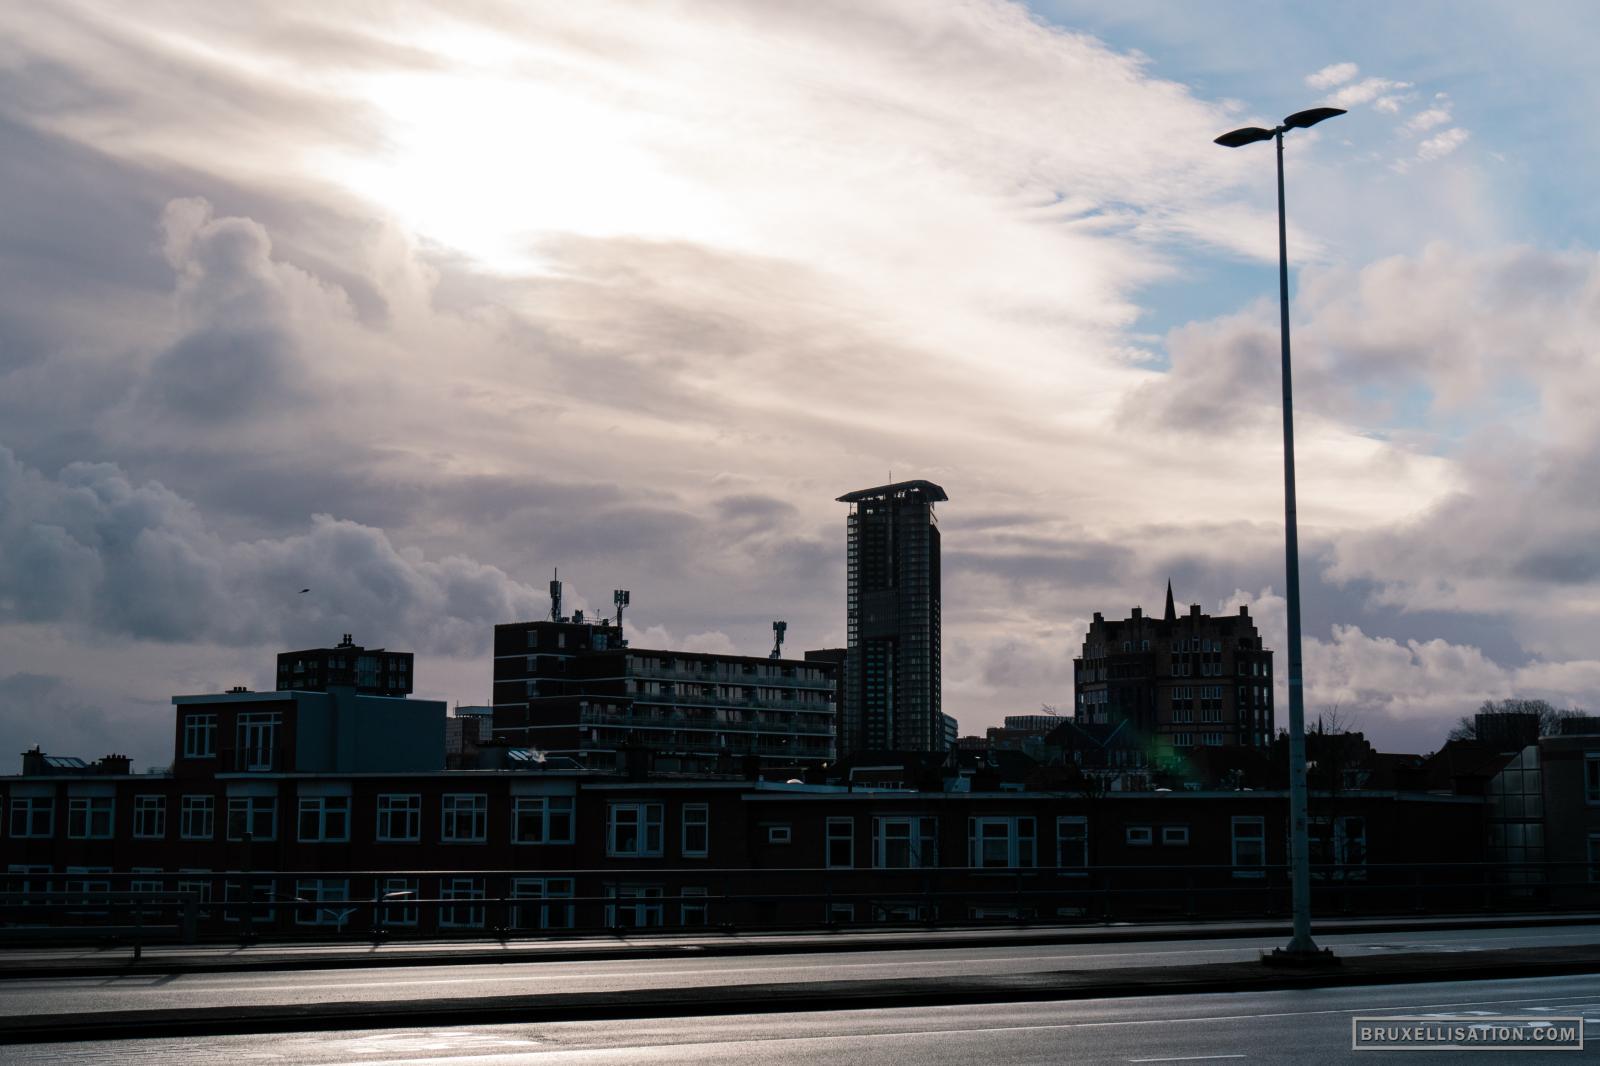 The Hague, Netherlands, December 2020